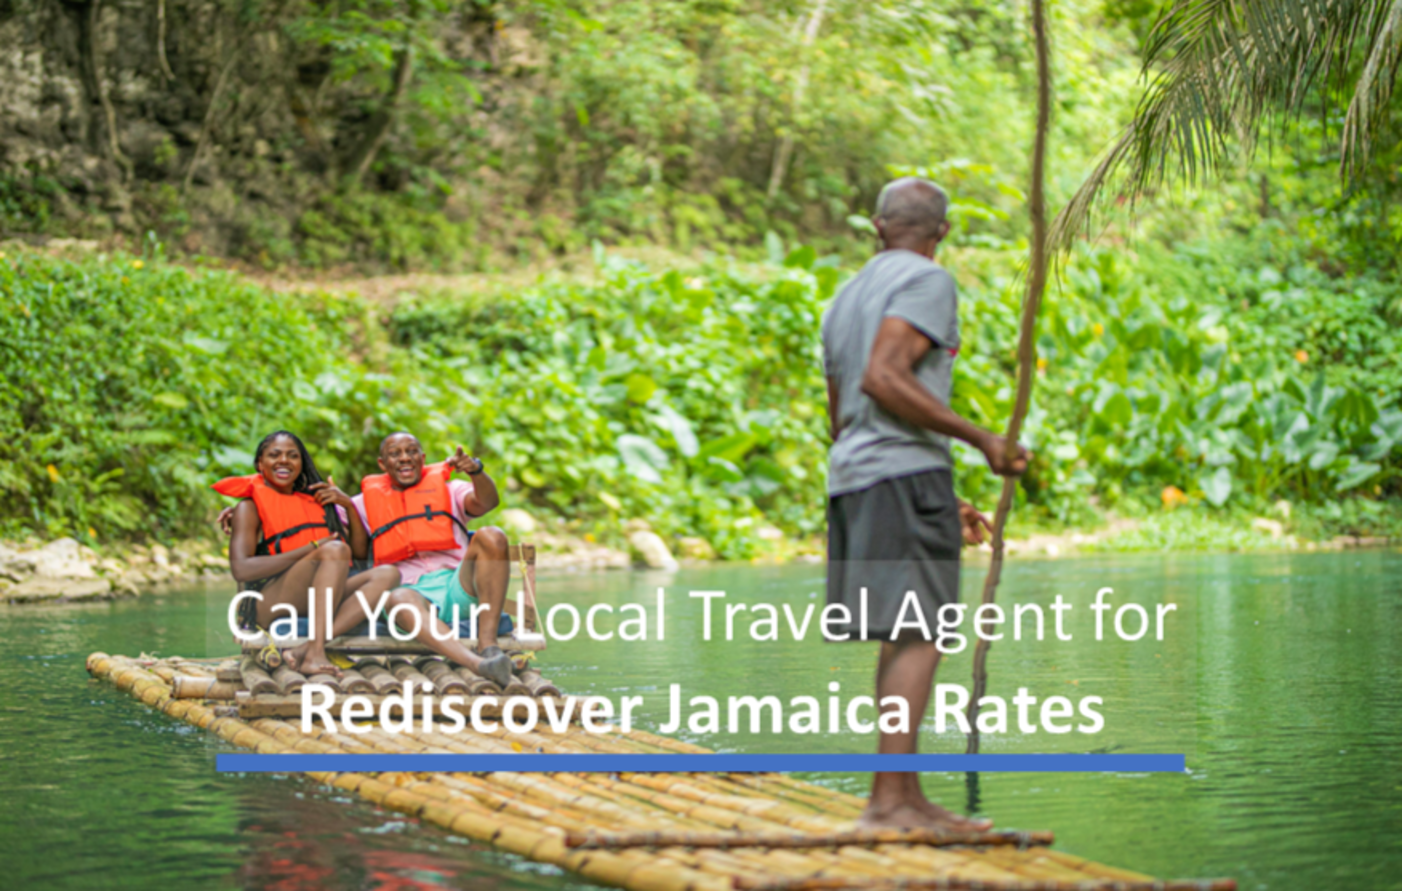 Rediscover Jamaica